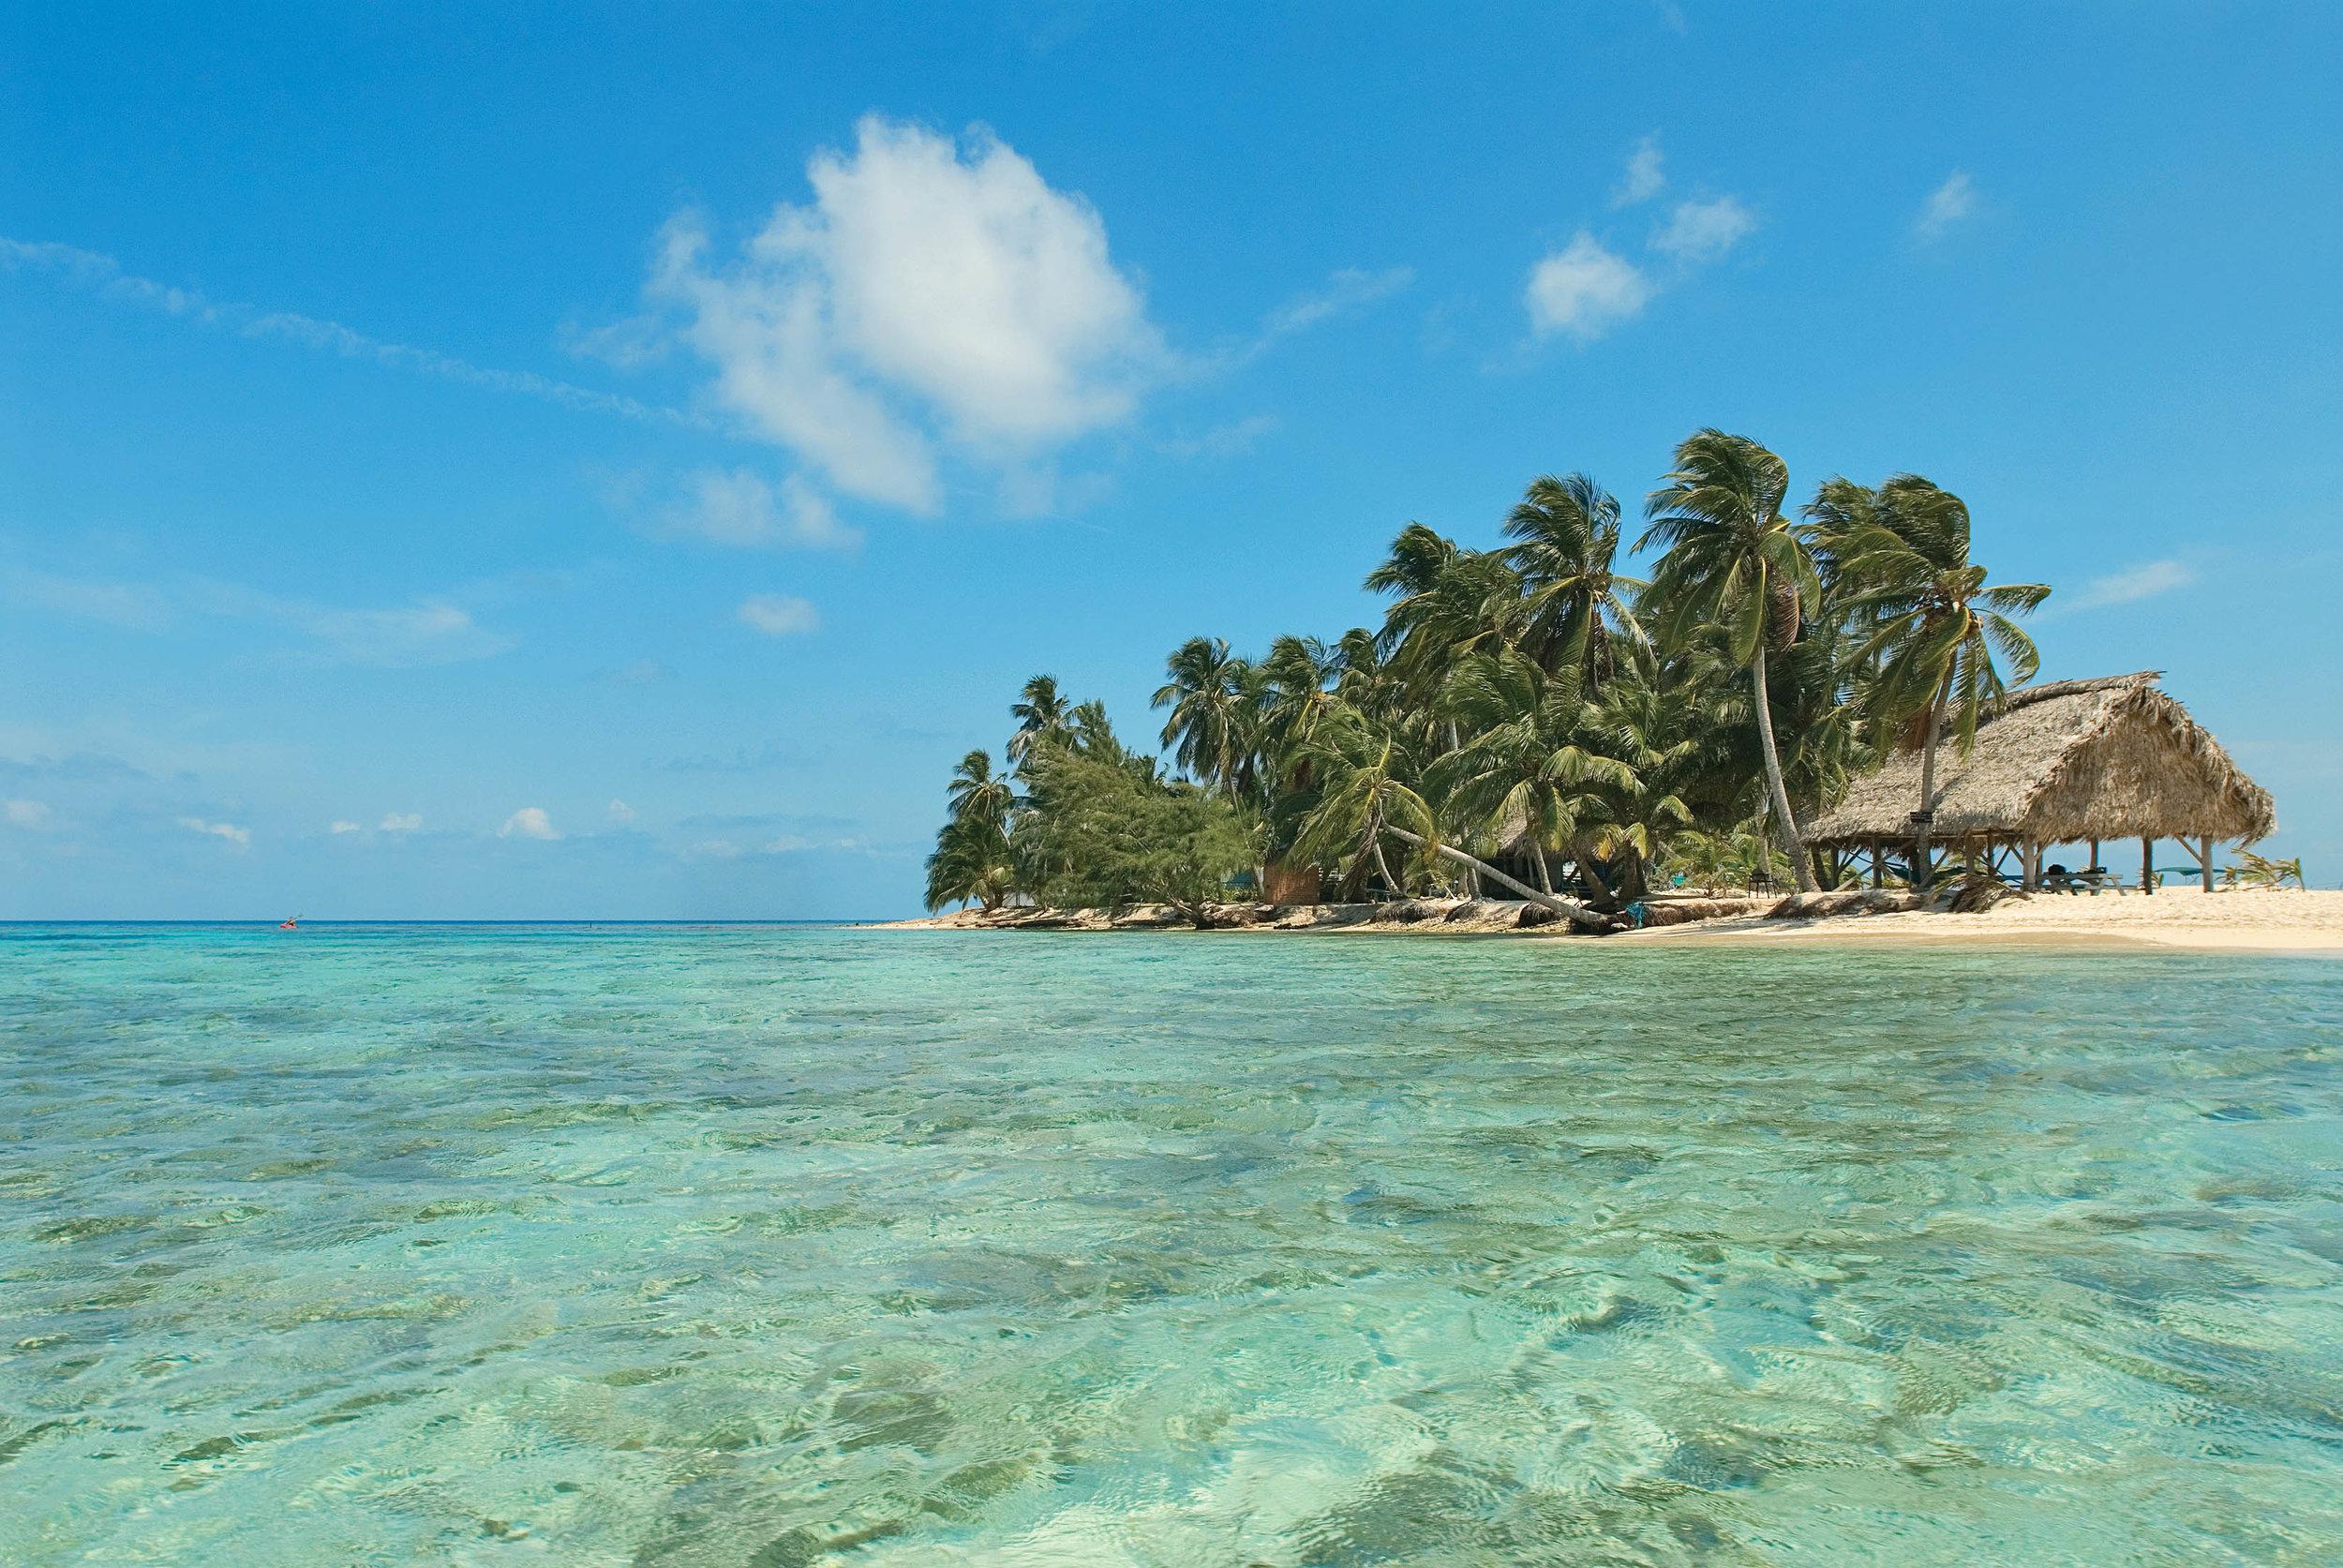 Belize01_SDwbdr07.jpg